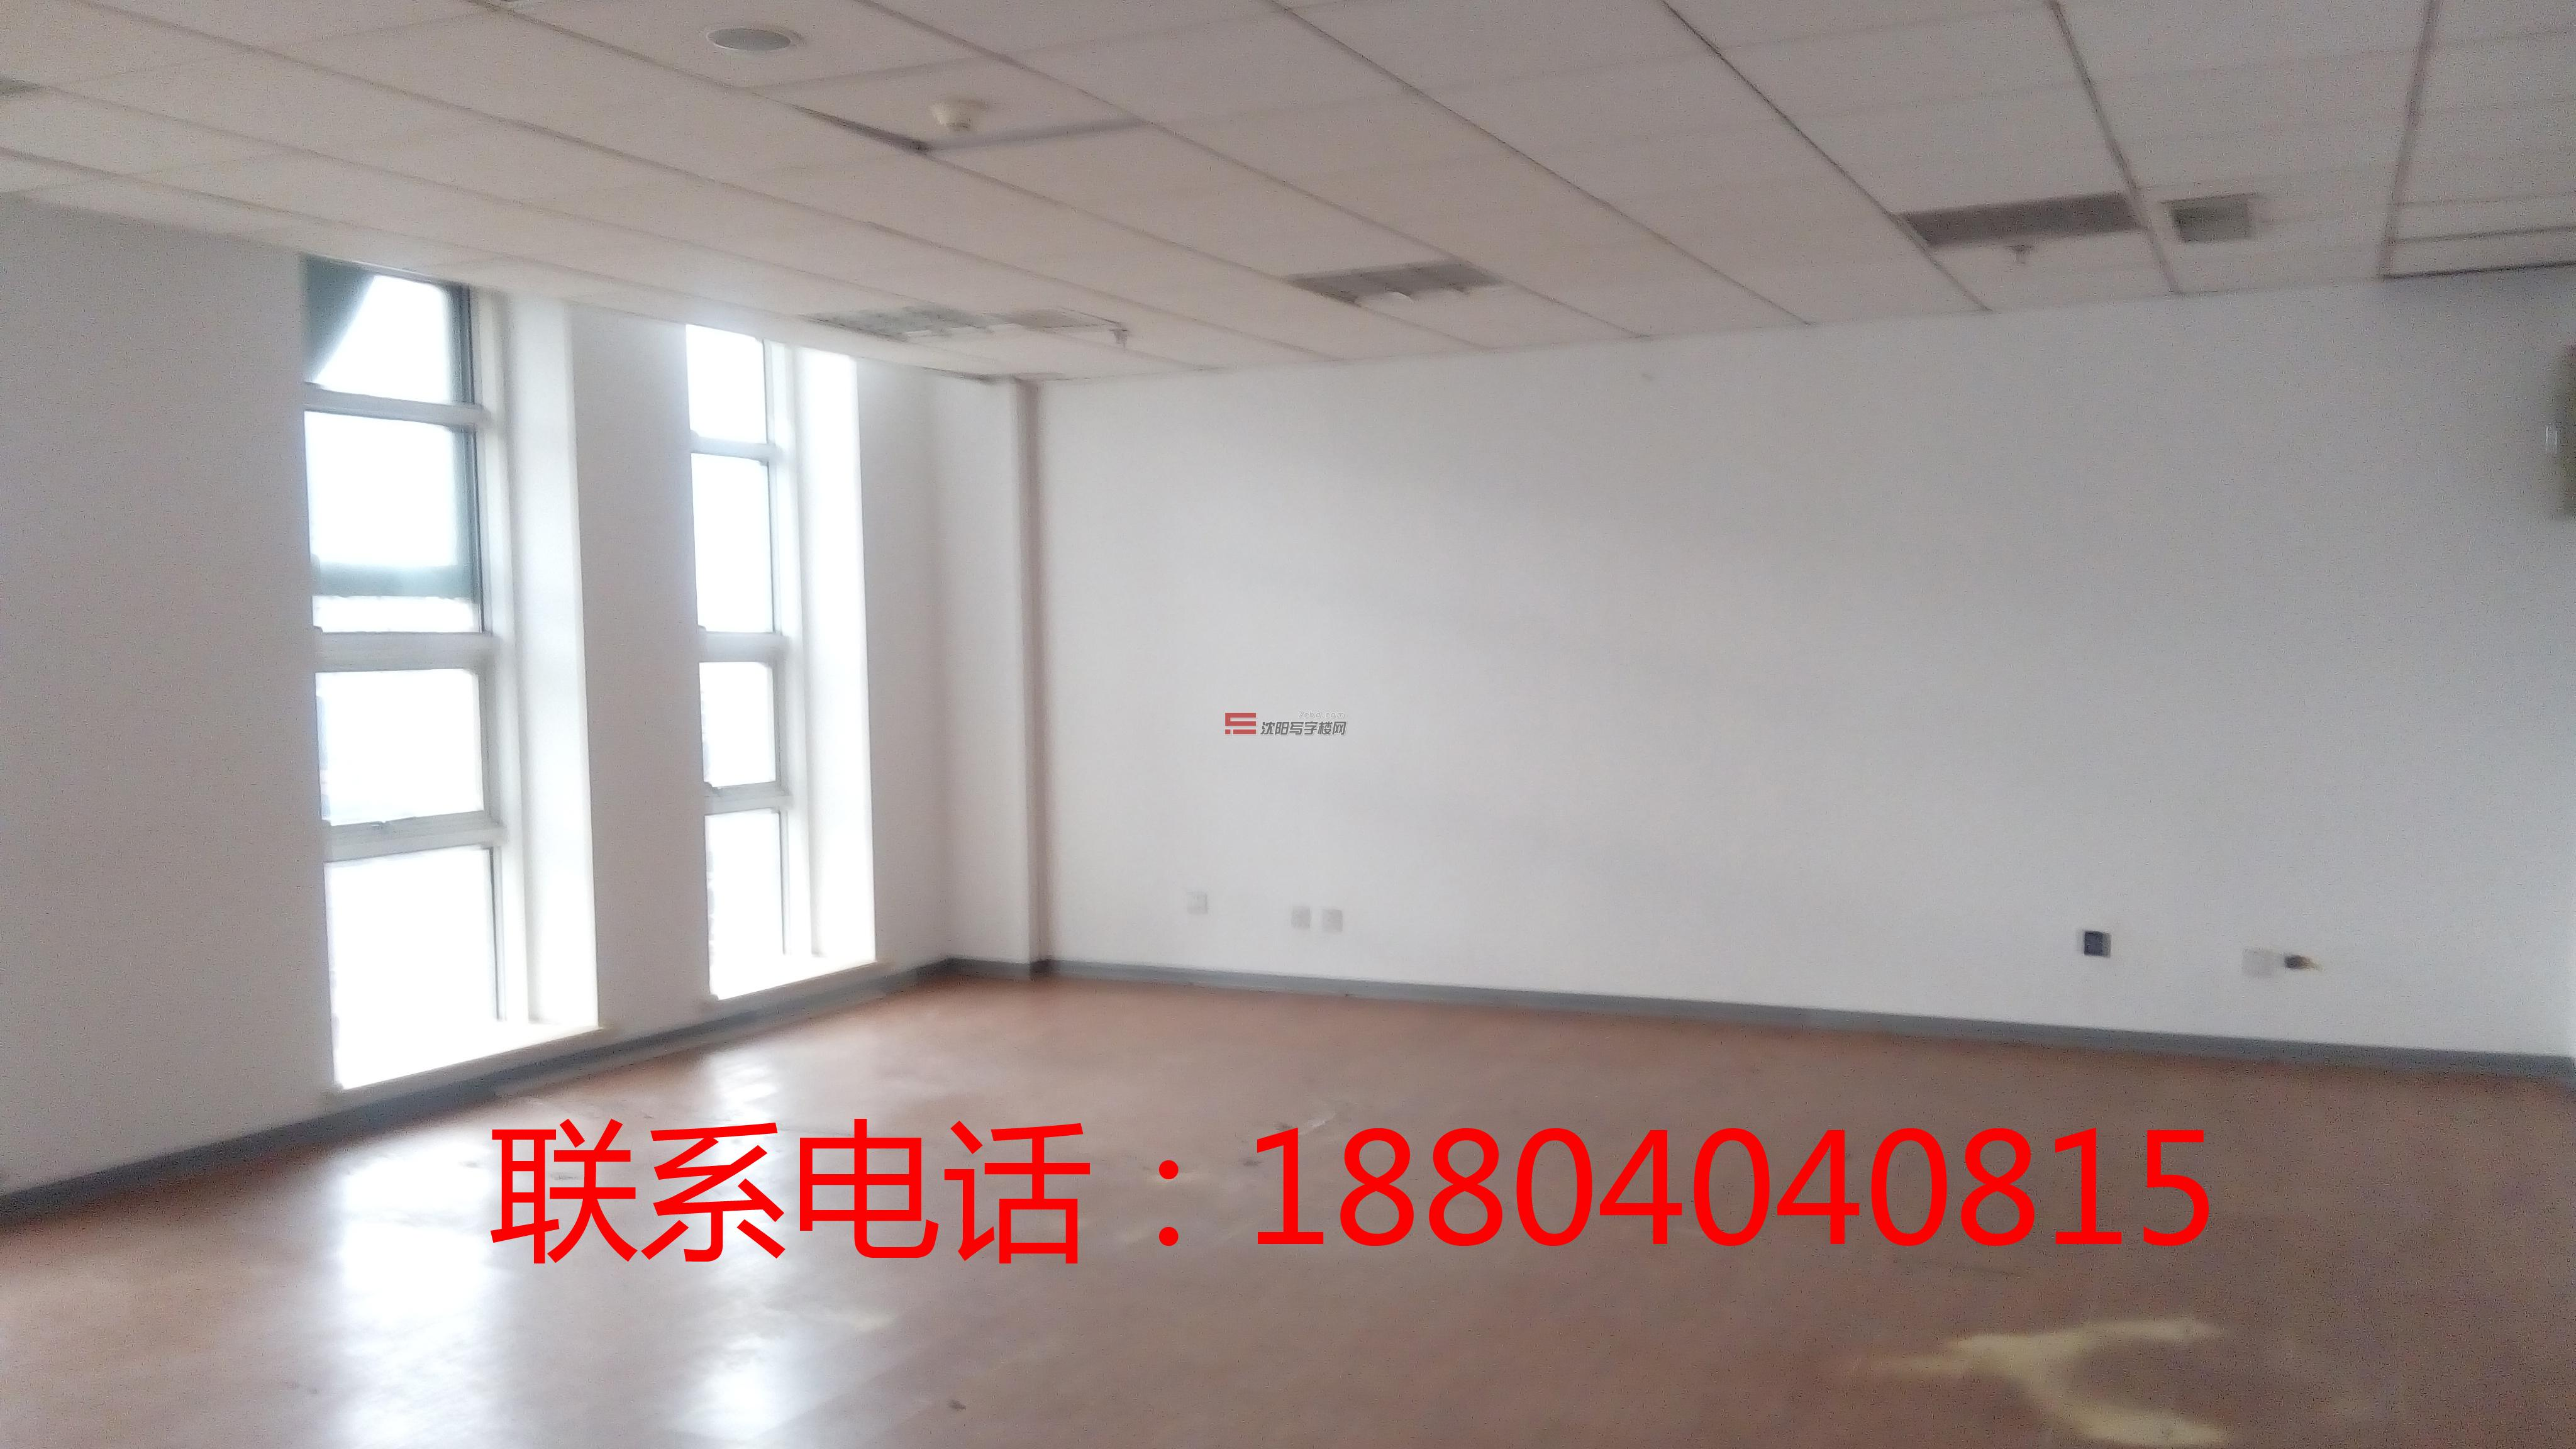 沈阳海悦国际大厦写字间出租(160平米)—沈阳写字楼